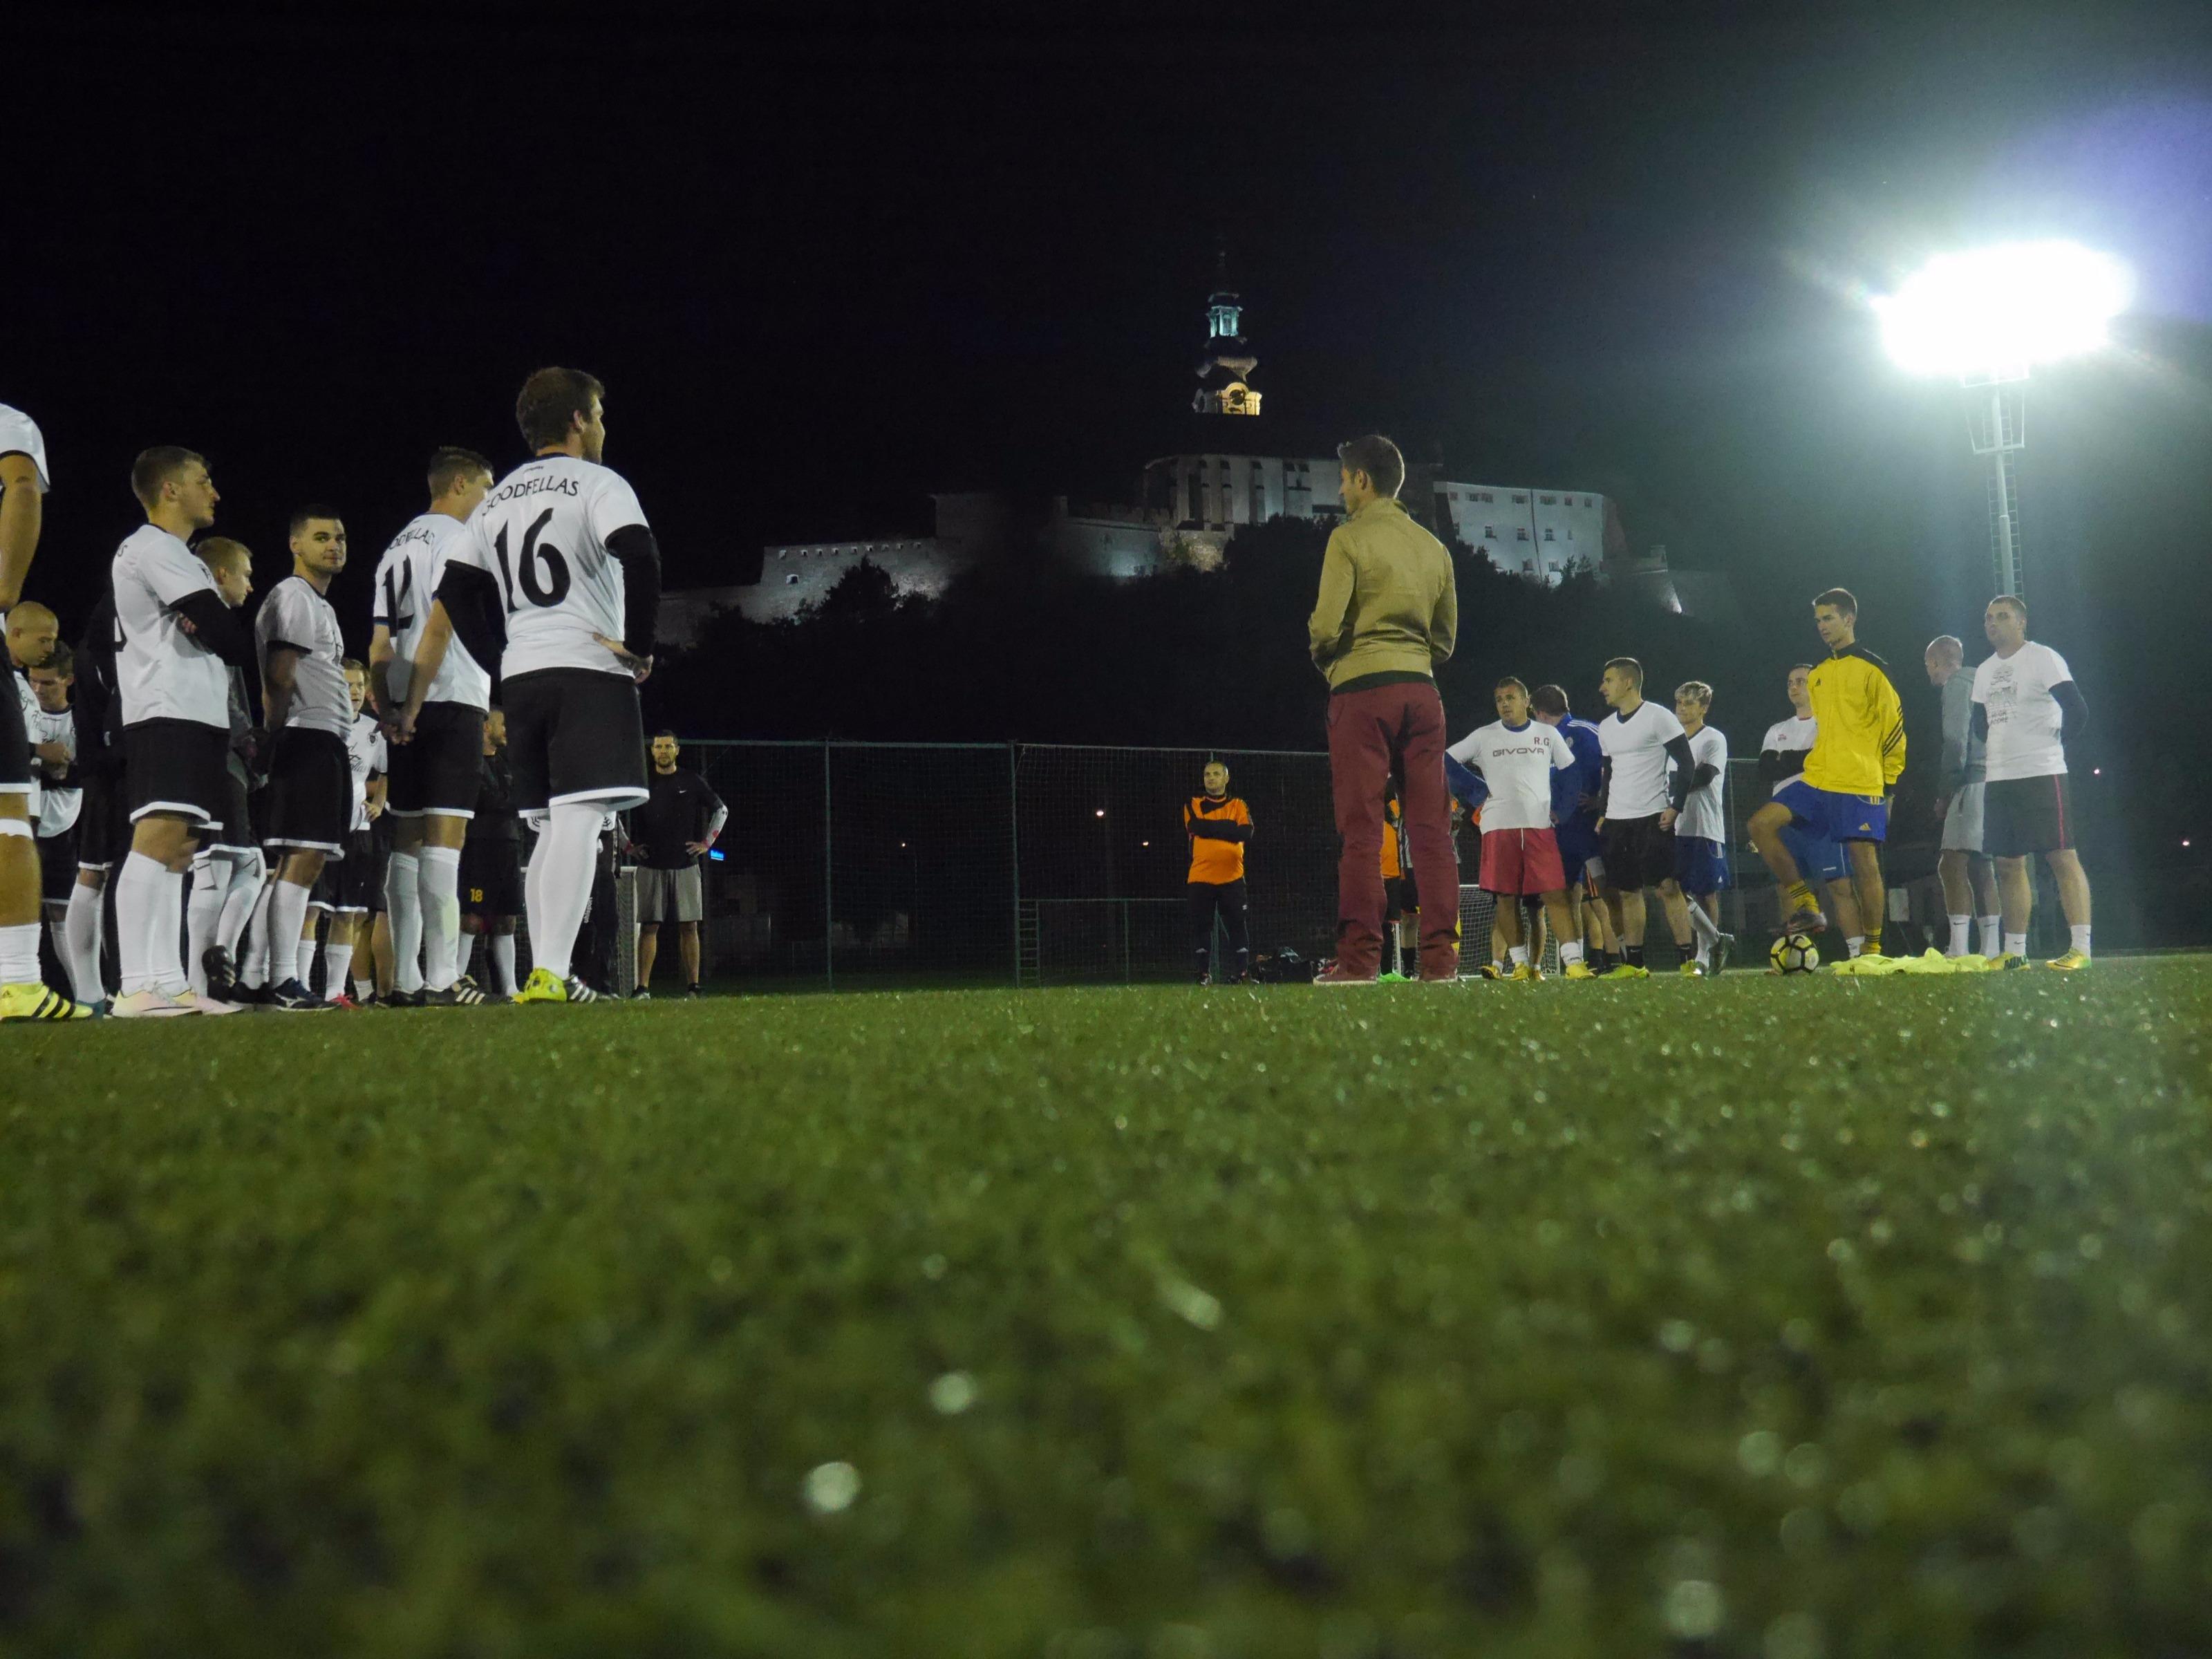 faa59acf10228 V Nitre sa odohrali prvé zápasy v malom fut - Kam v meste | moja Nitra